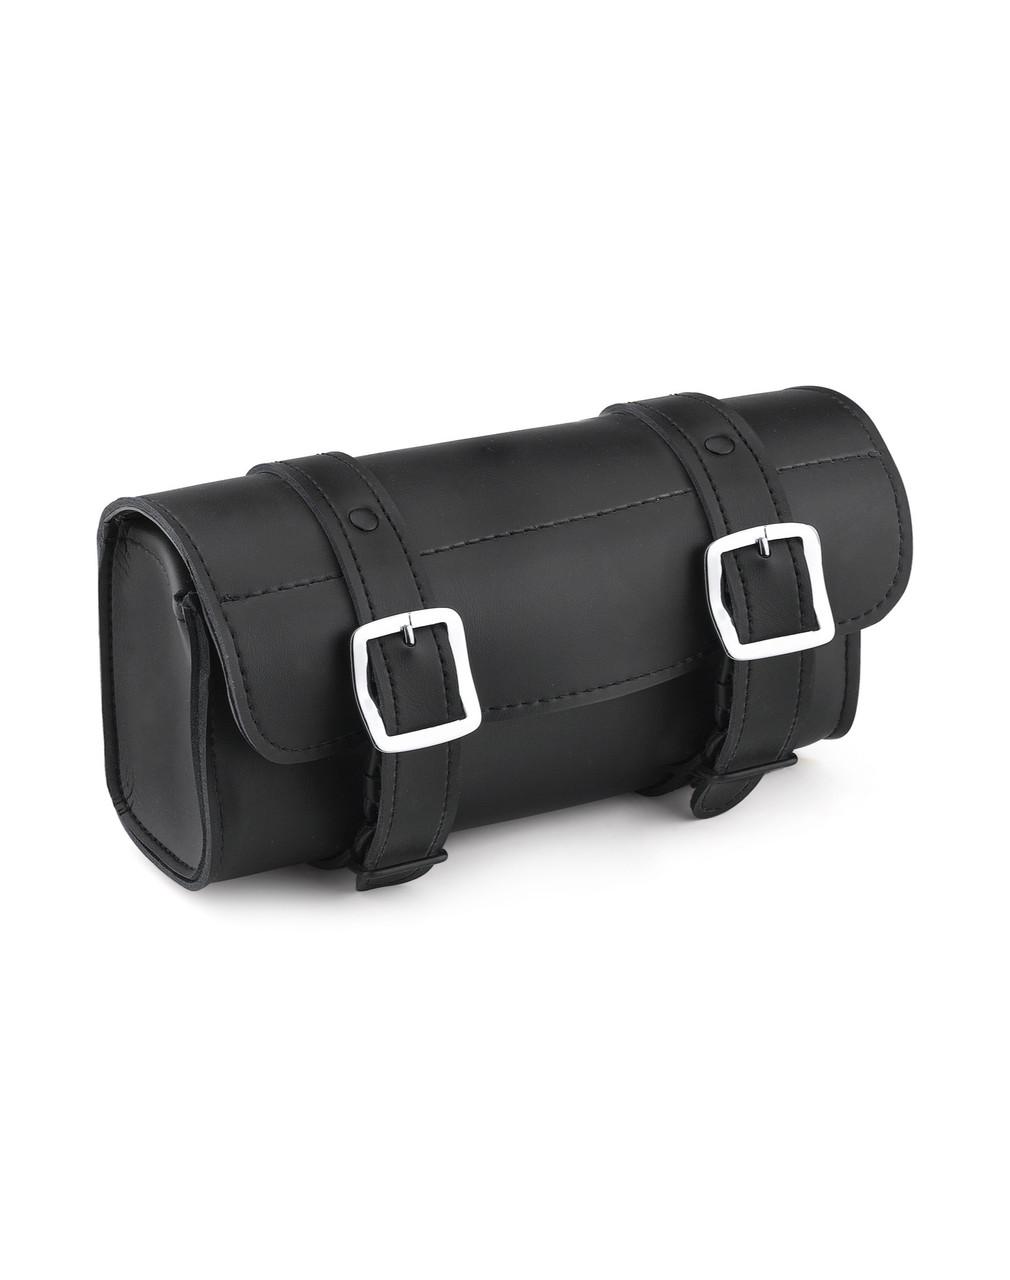 Honda Armor Plain Motorcycle Tool Bag Main Bag View